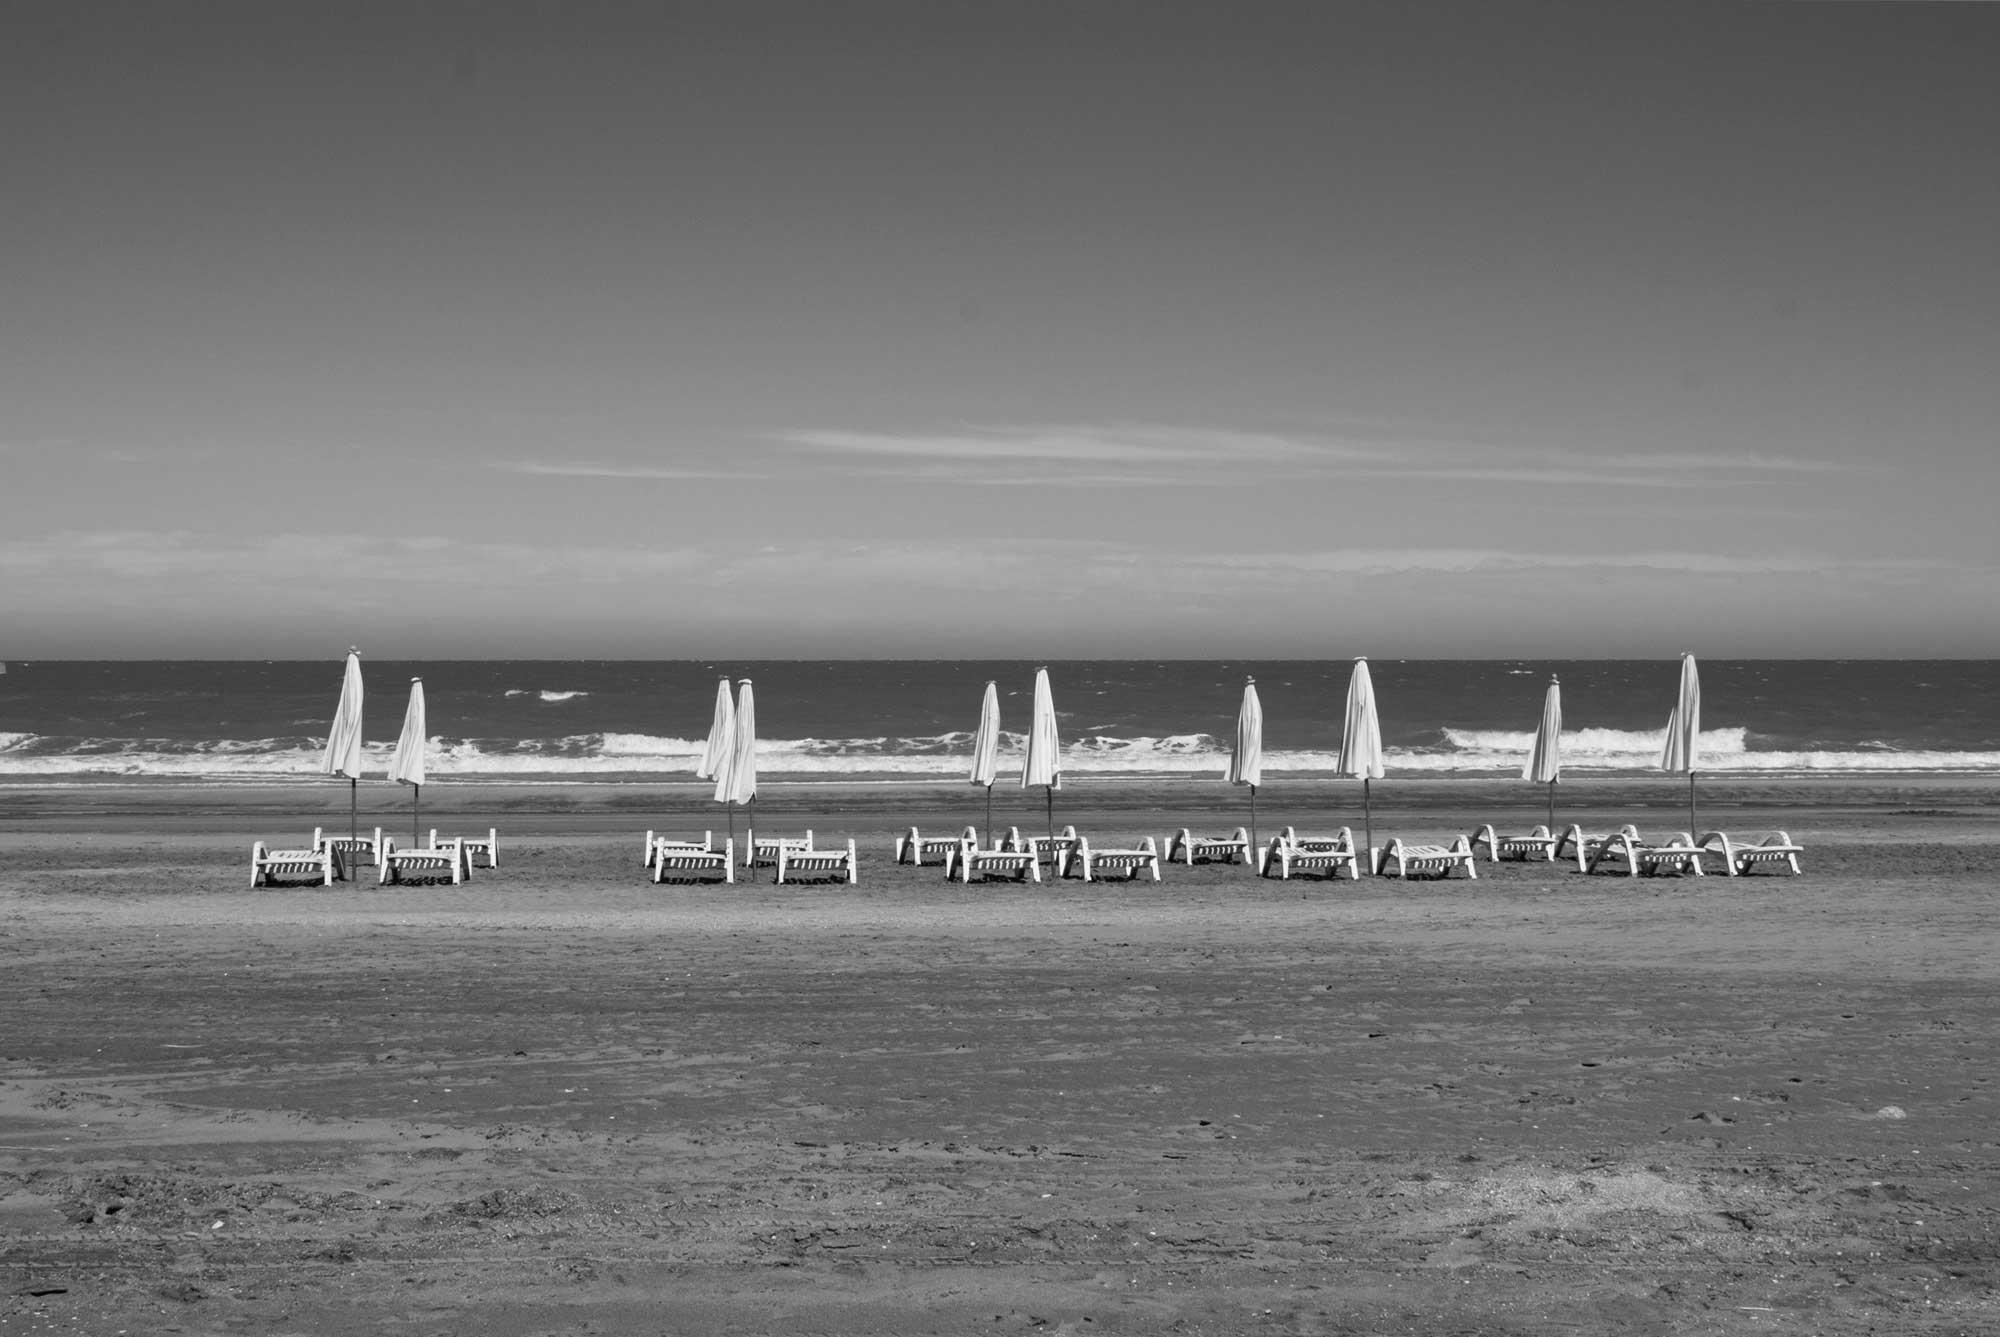 Strandliegen und Sonnenschirme bei bedecktem Himmel, Mar de las Pampas, Argentinien